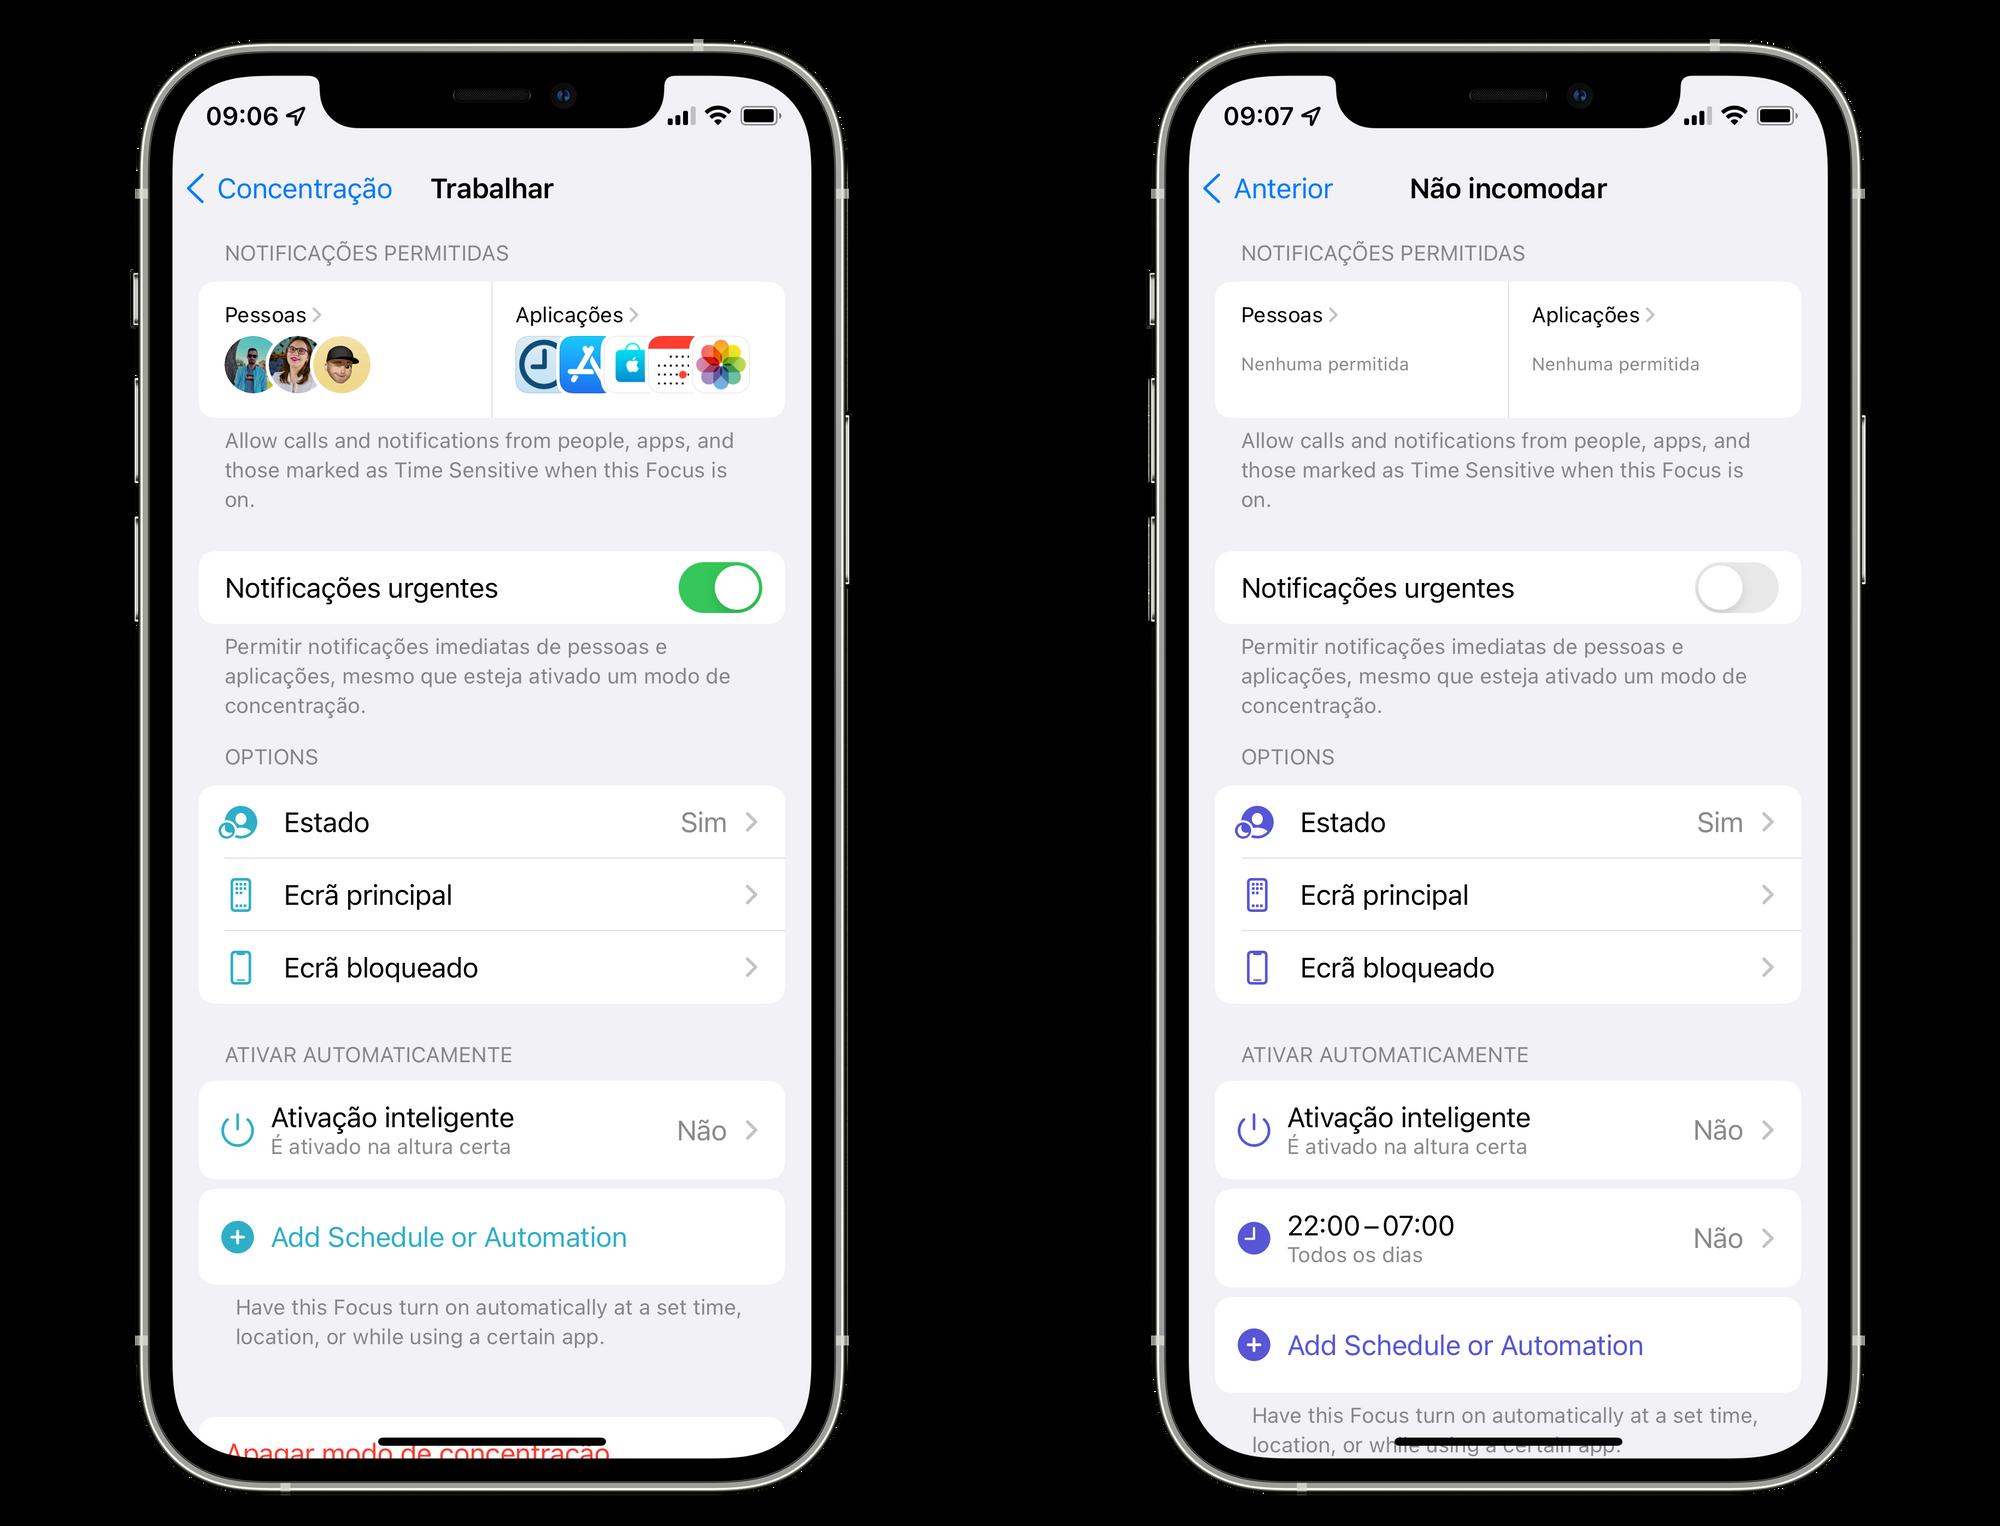 Modo de concentração no iOS 15 beta 3